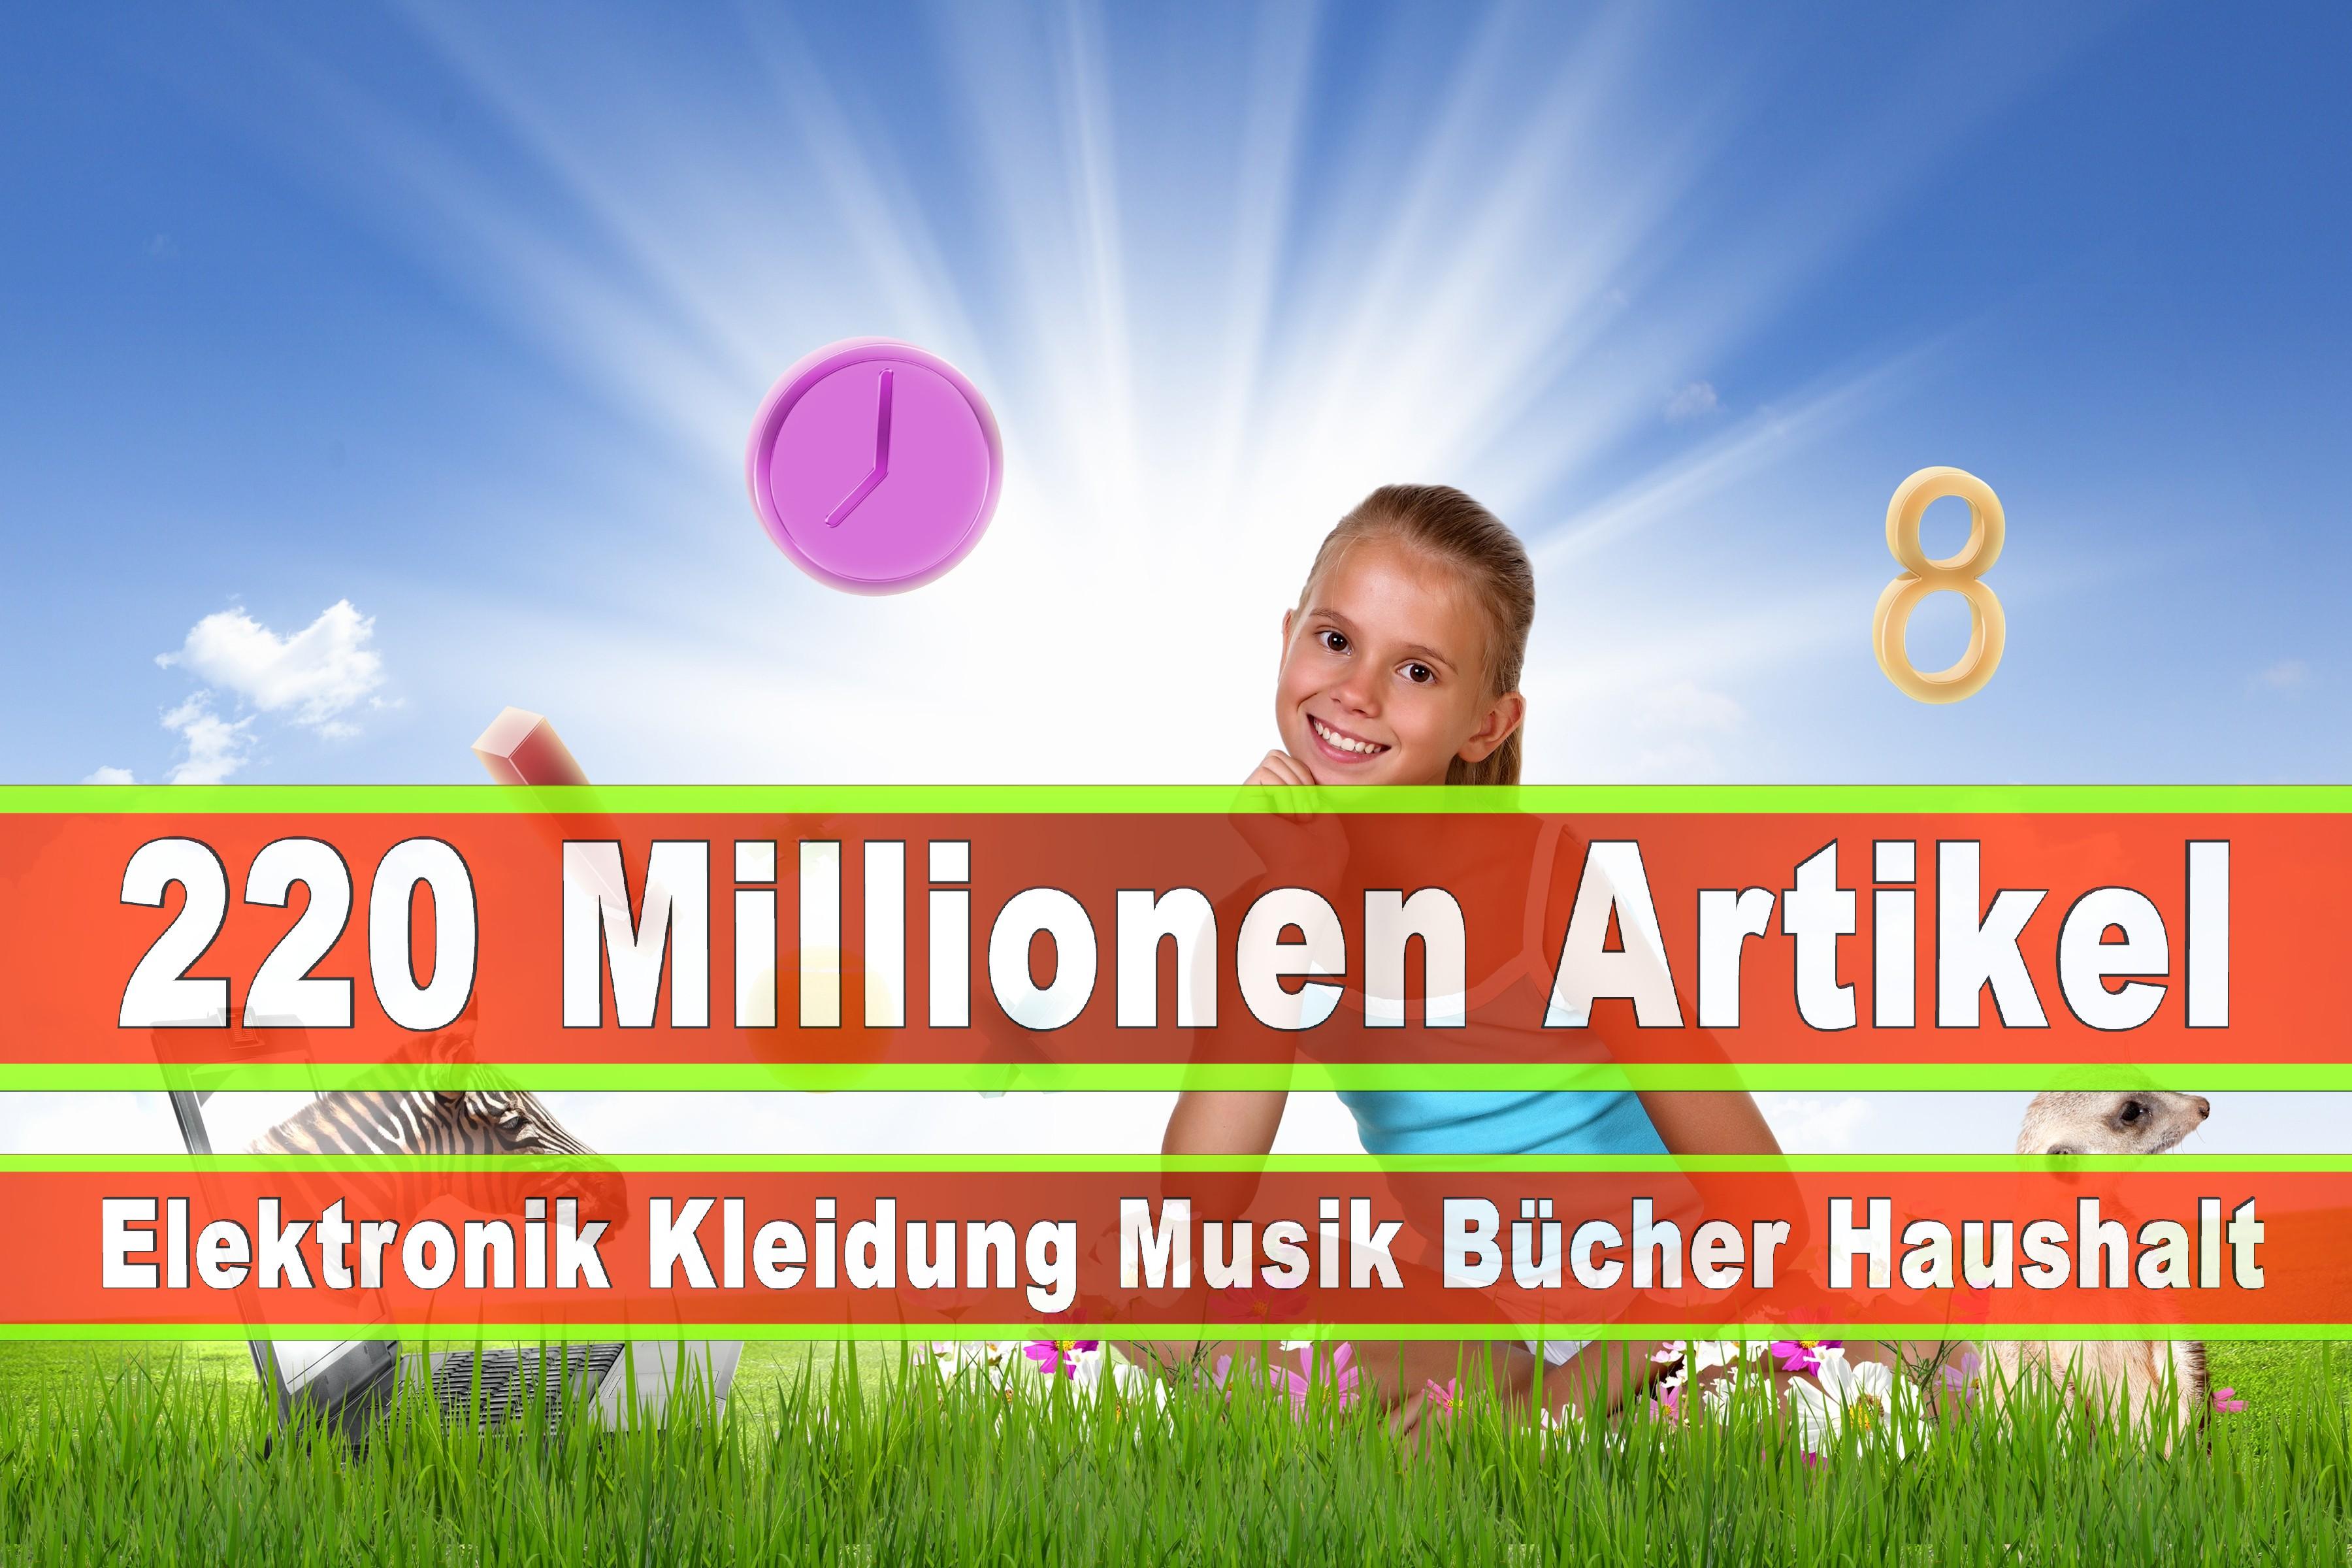 Amazon Elektronik Musik Haushalt Bücher CD DVD Handys Smartphones TV Television Fernseher Kleidung Mode Ebay Versandhaus (188)